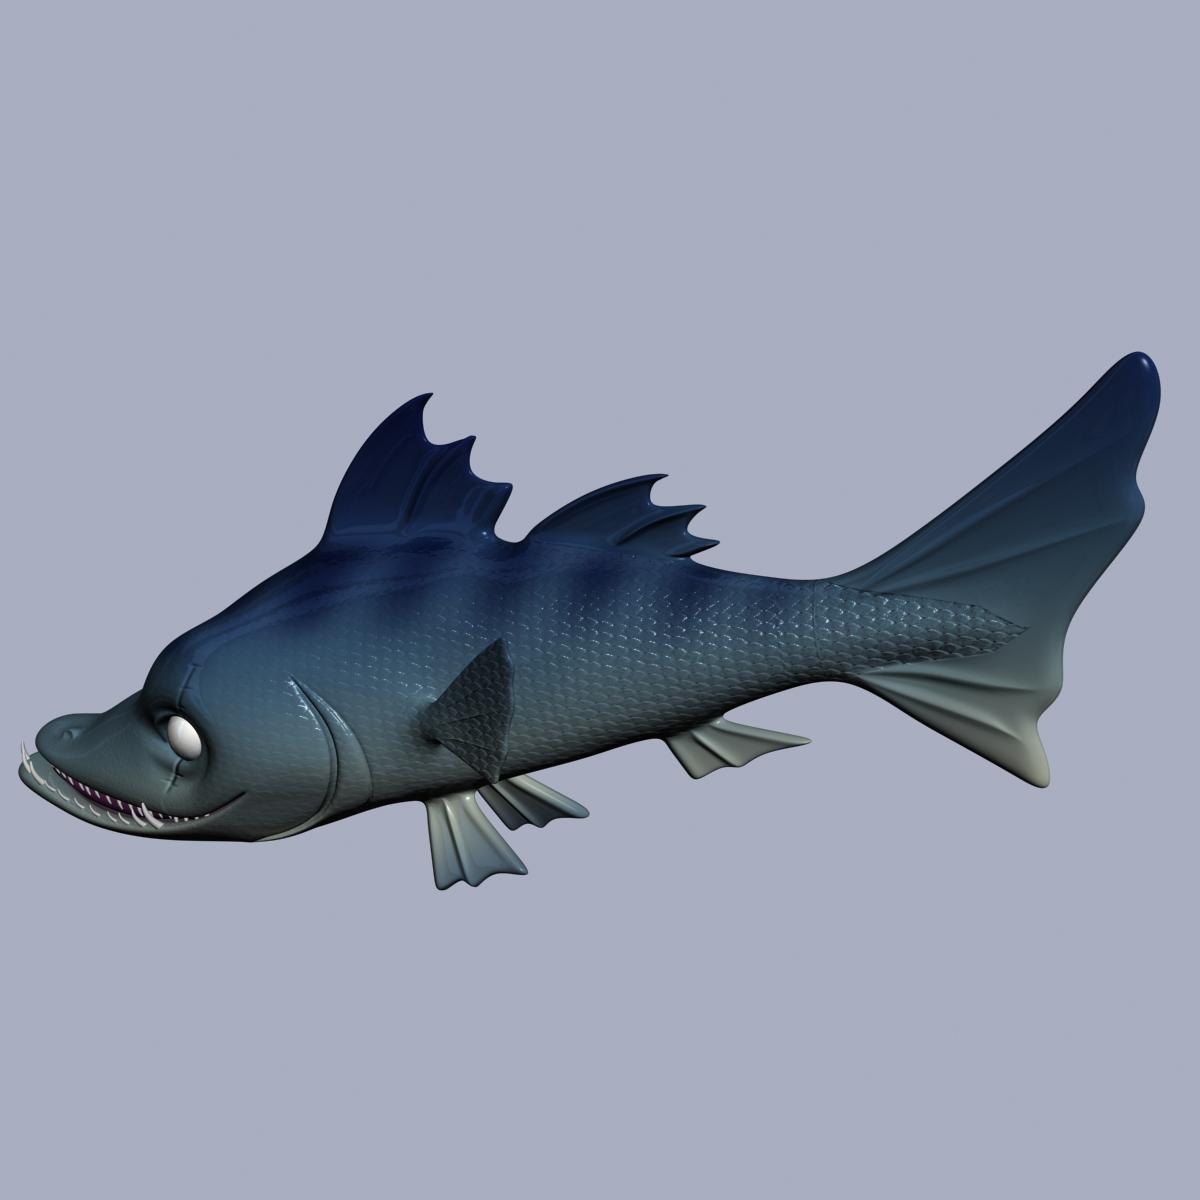 cartoon barracuda fish rigged 3d model 3ds max fbx  obj 207753